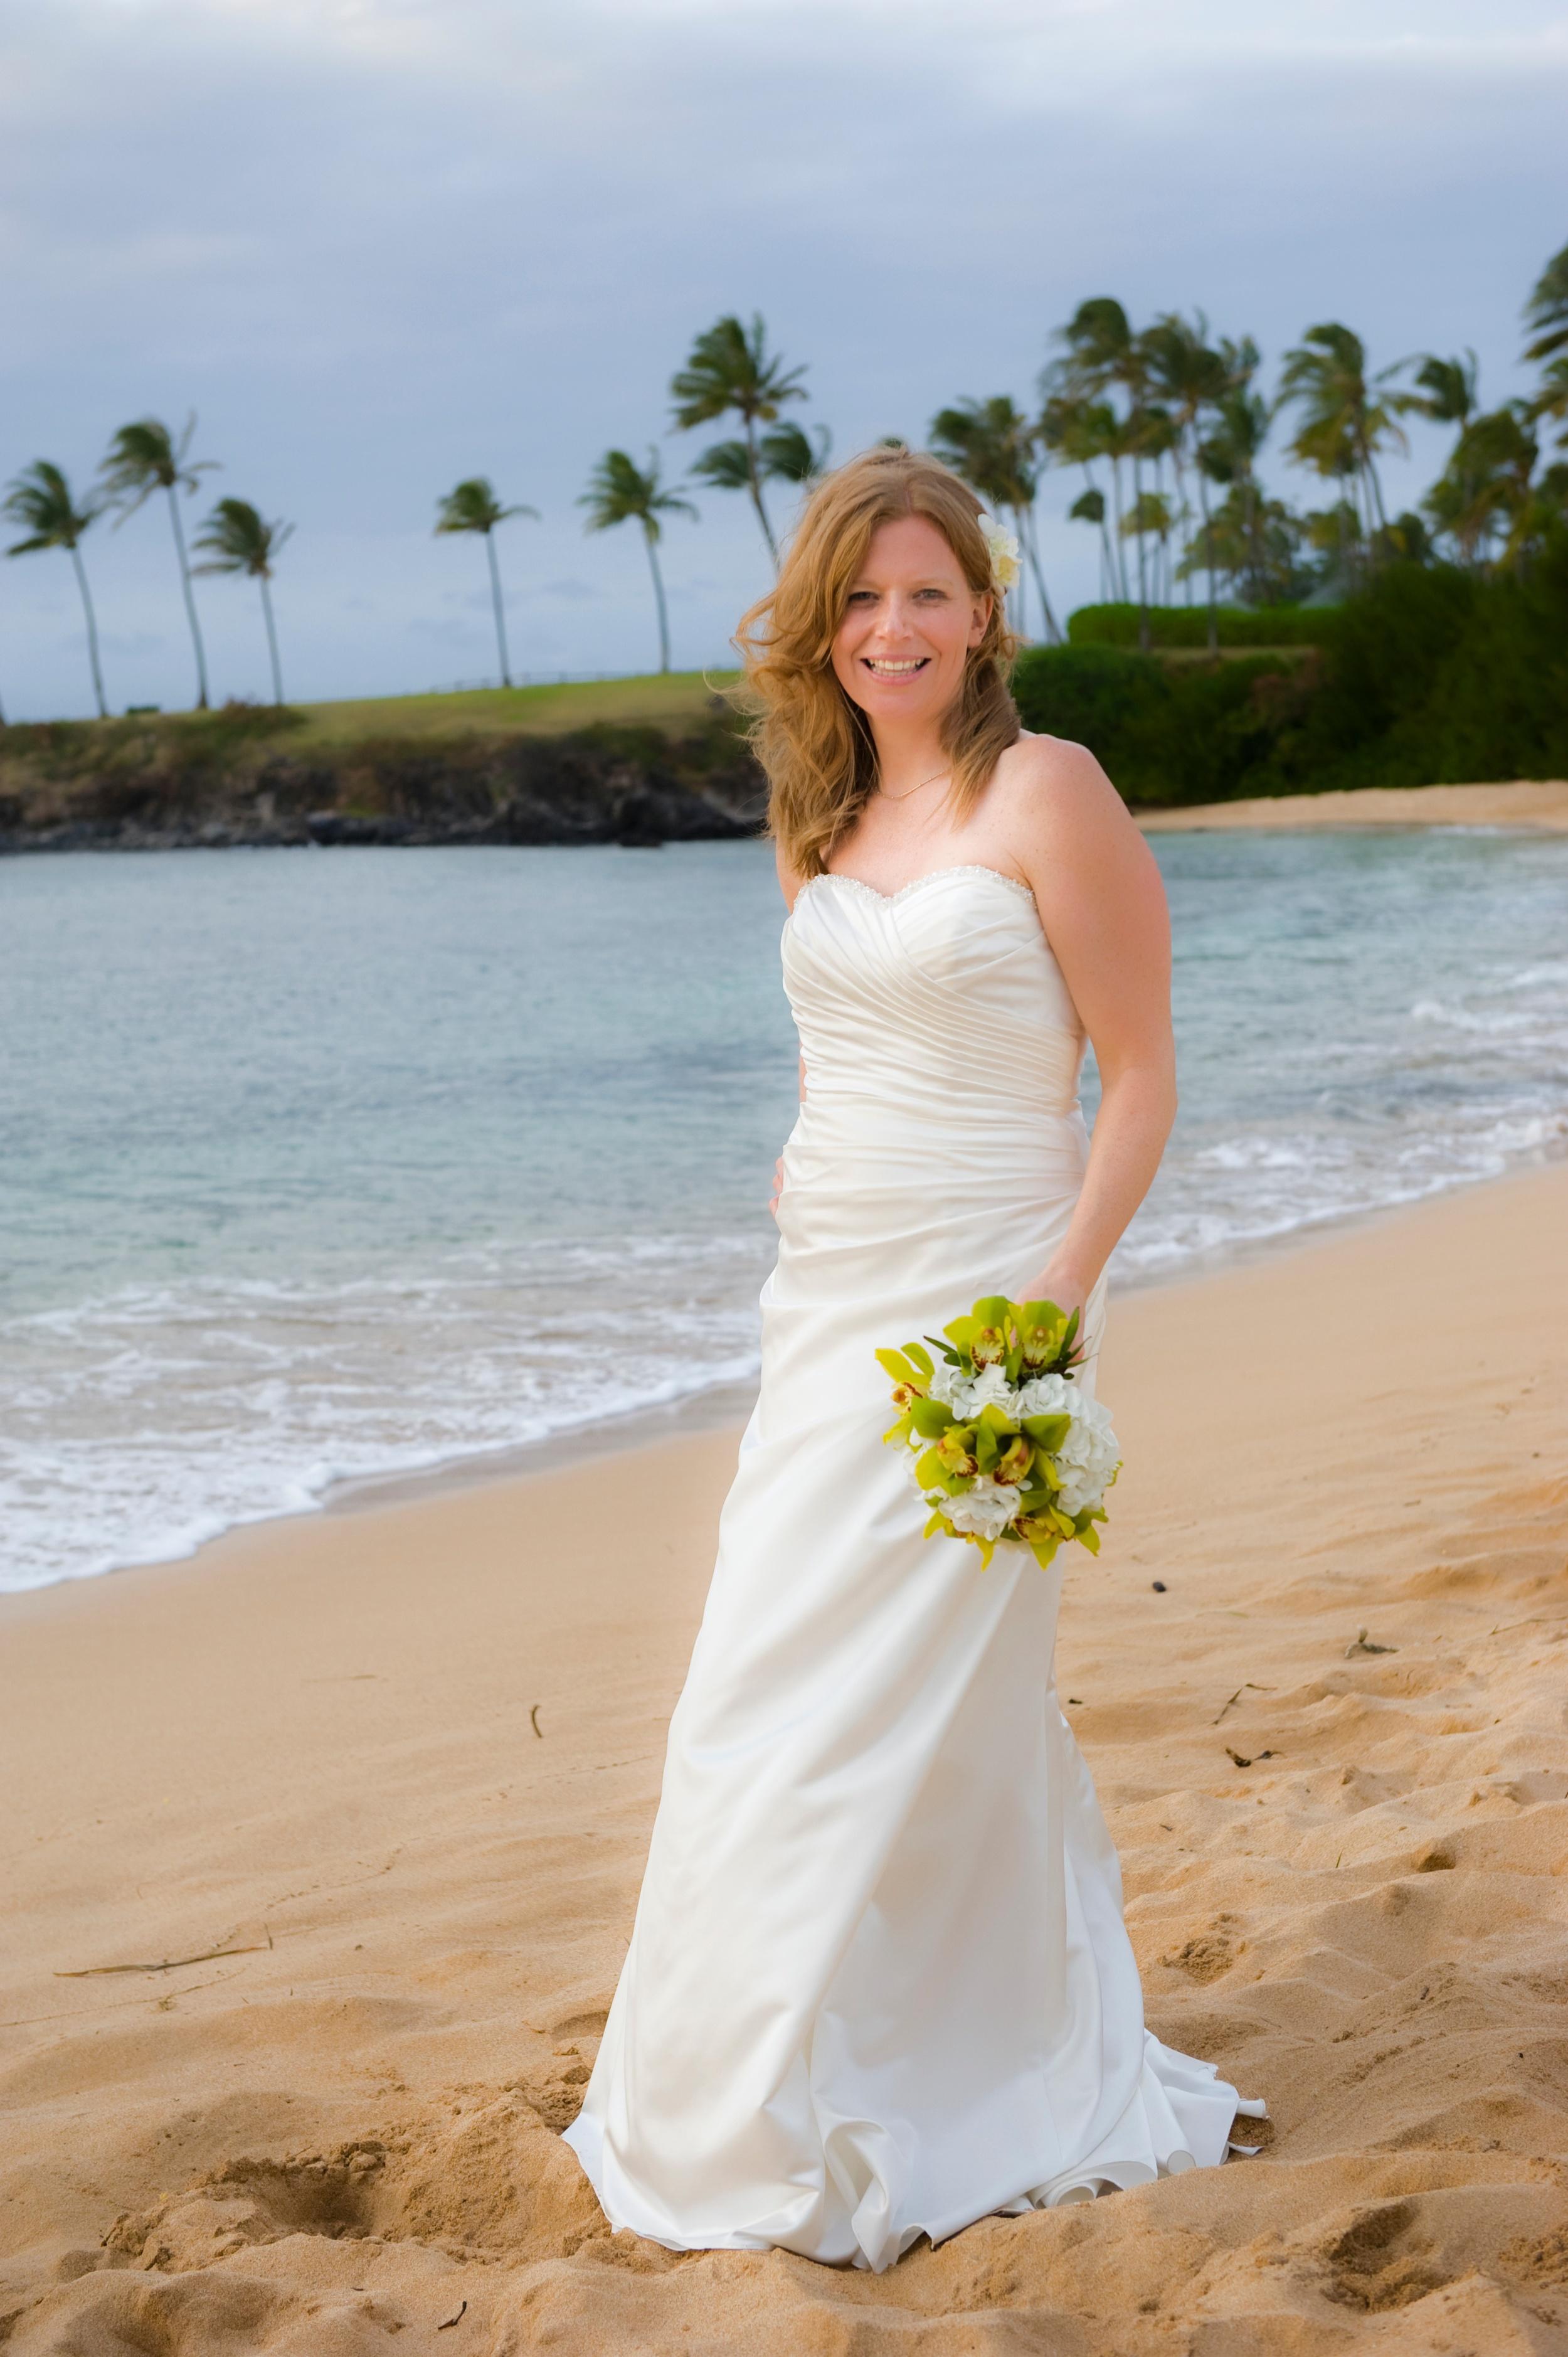 Wedding++31726-1852468274-O.jpg